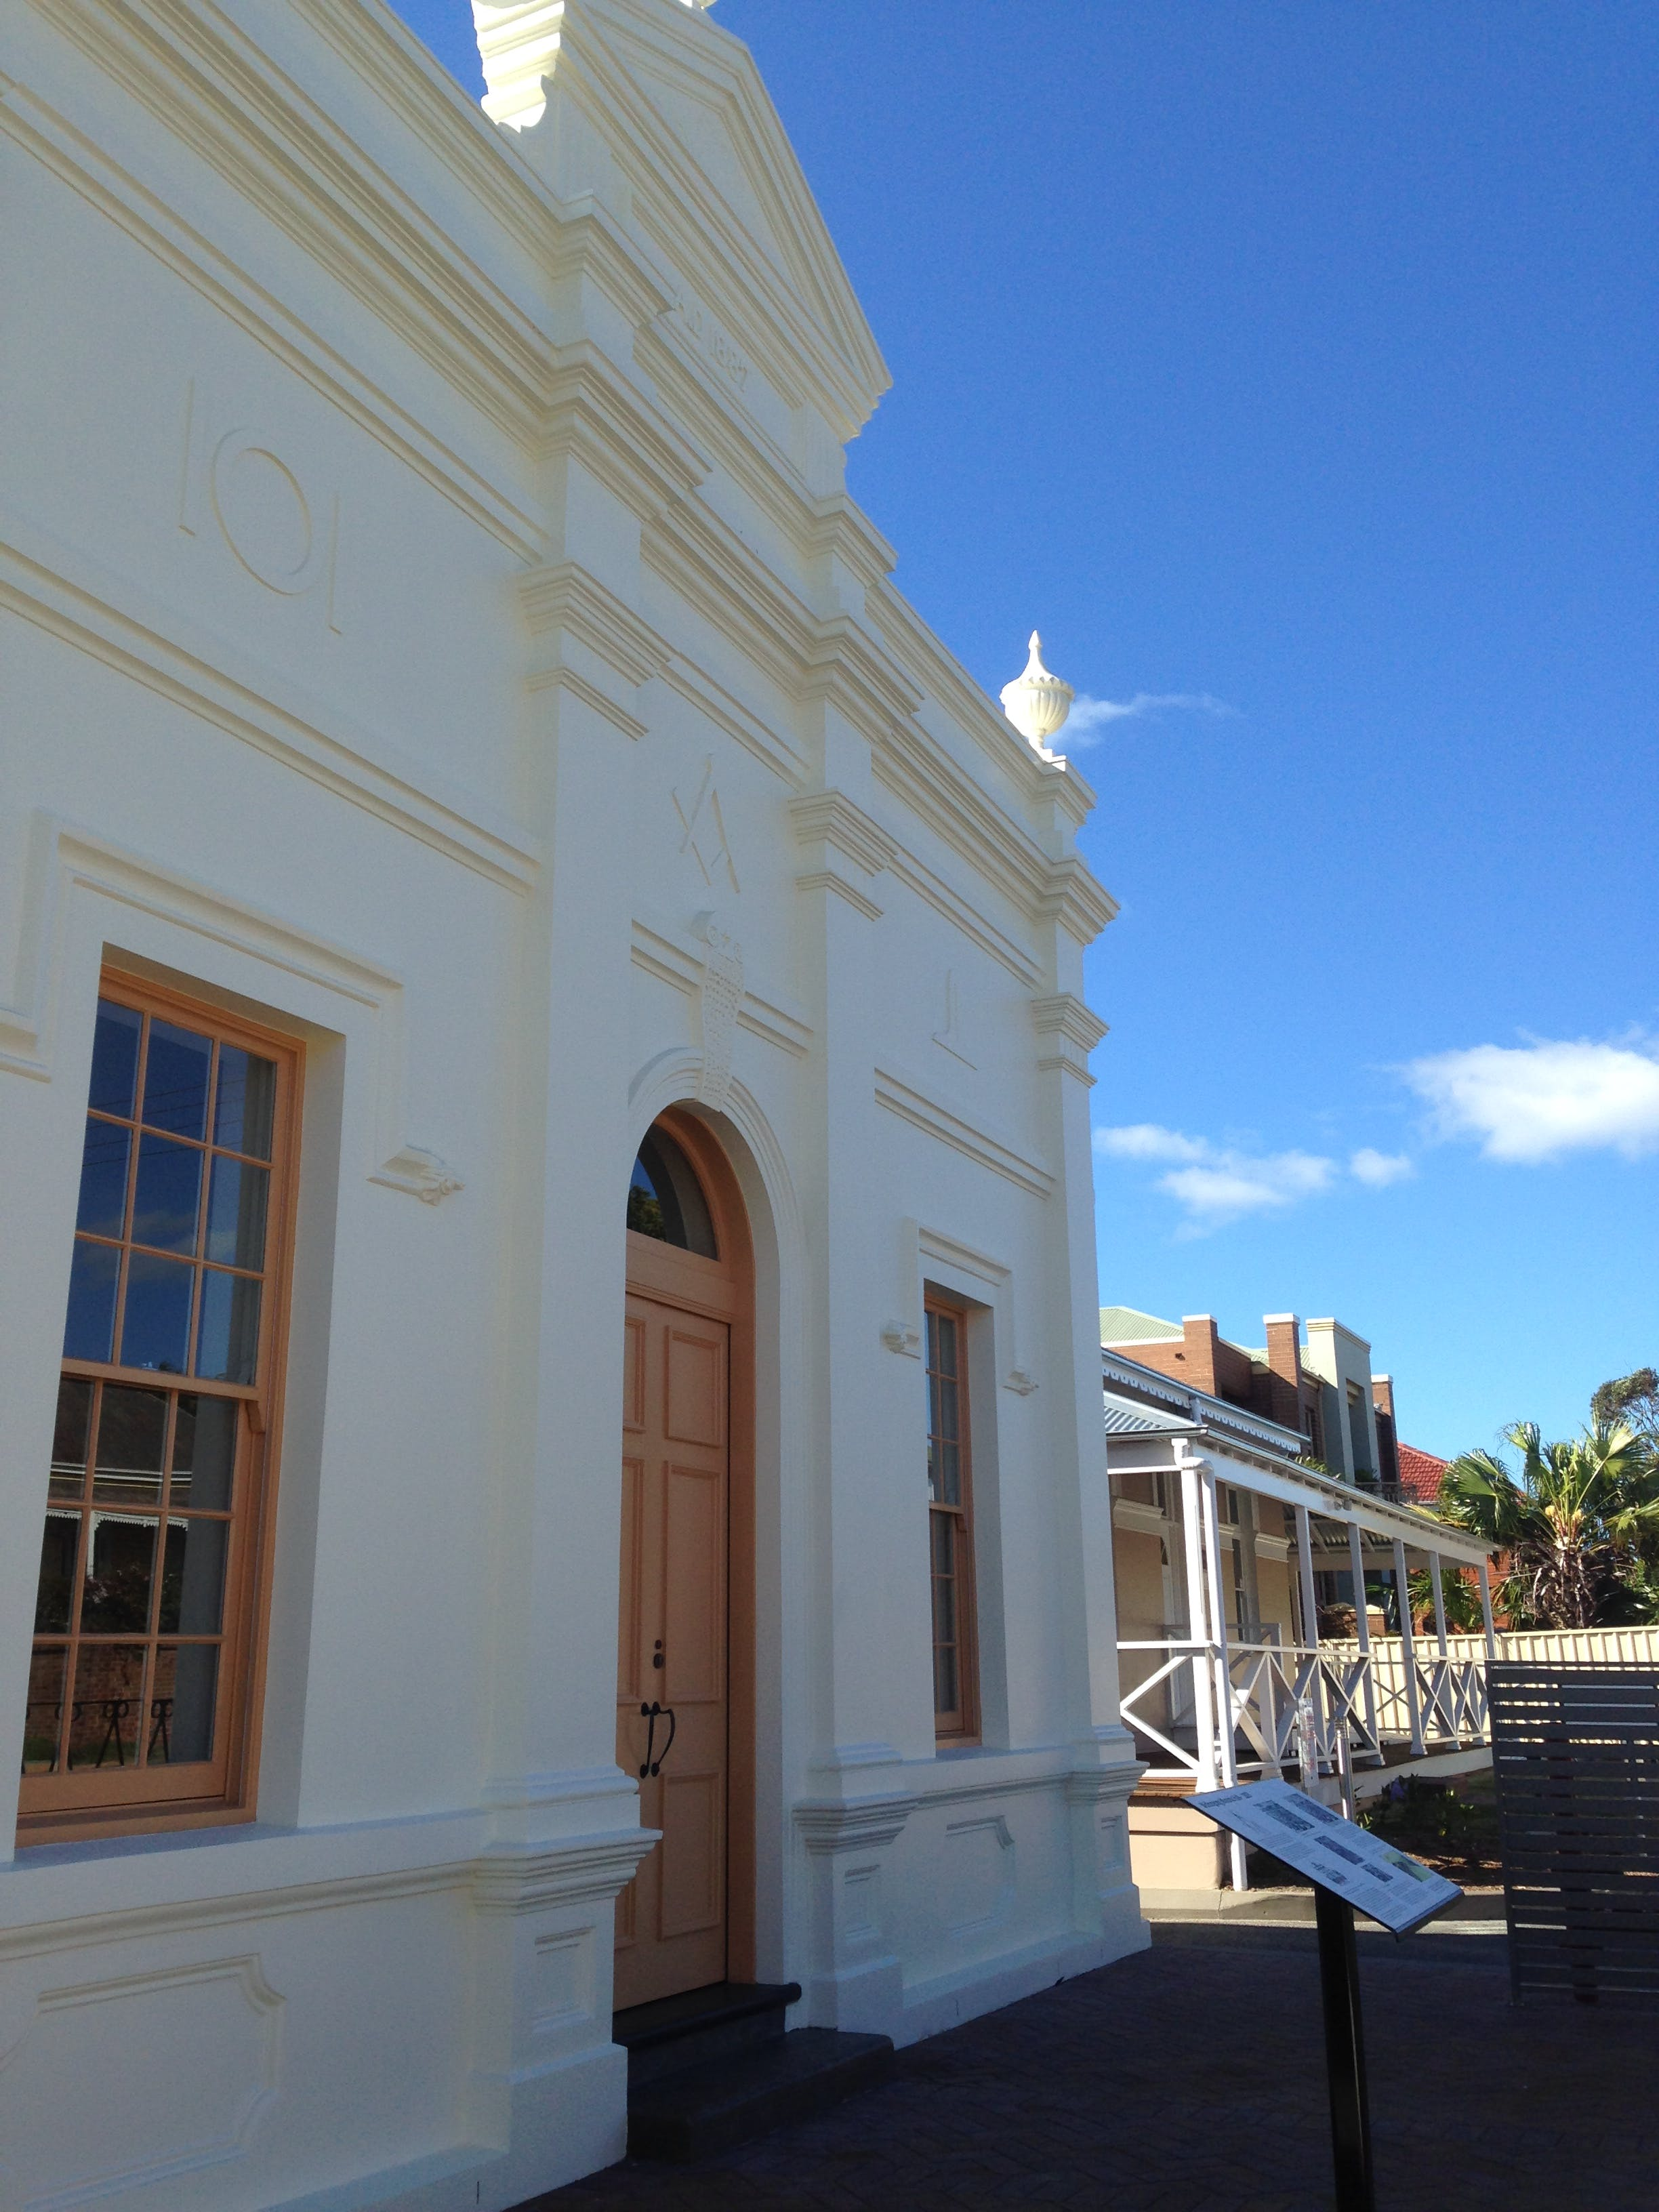 Wollongong Masonic Hall interpretive signage